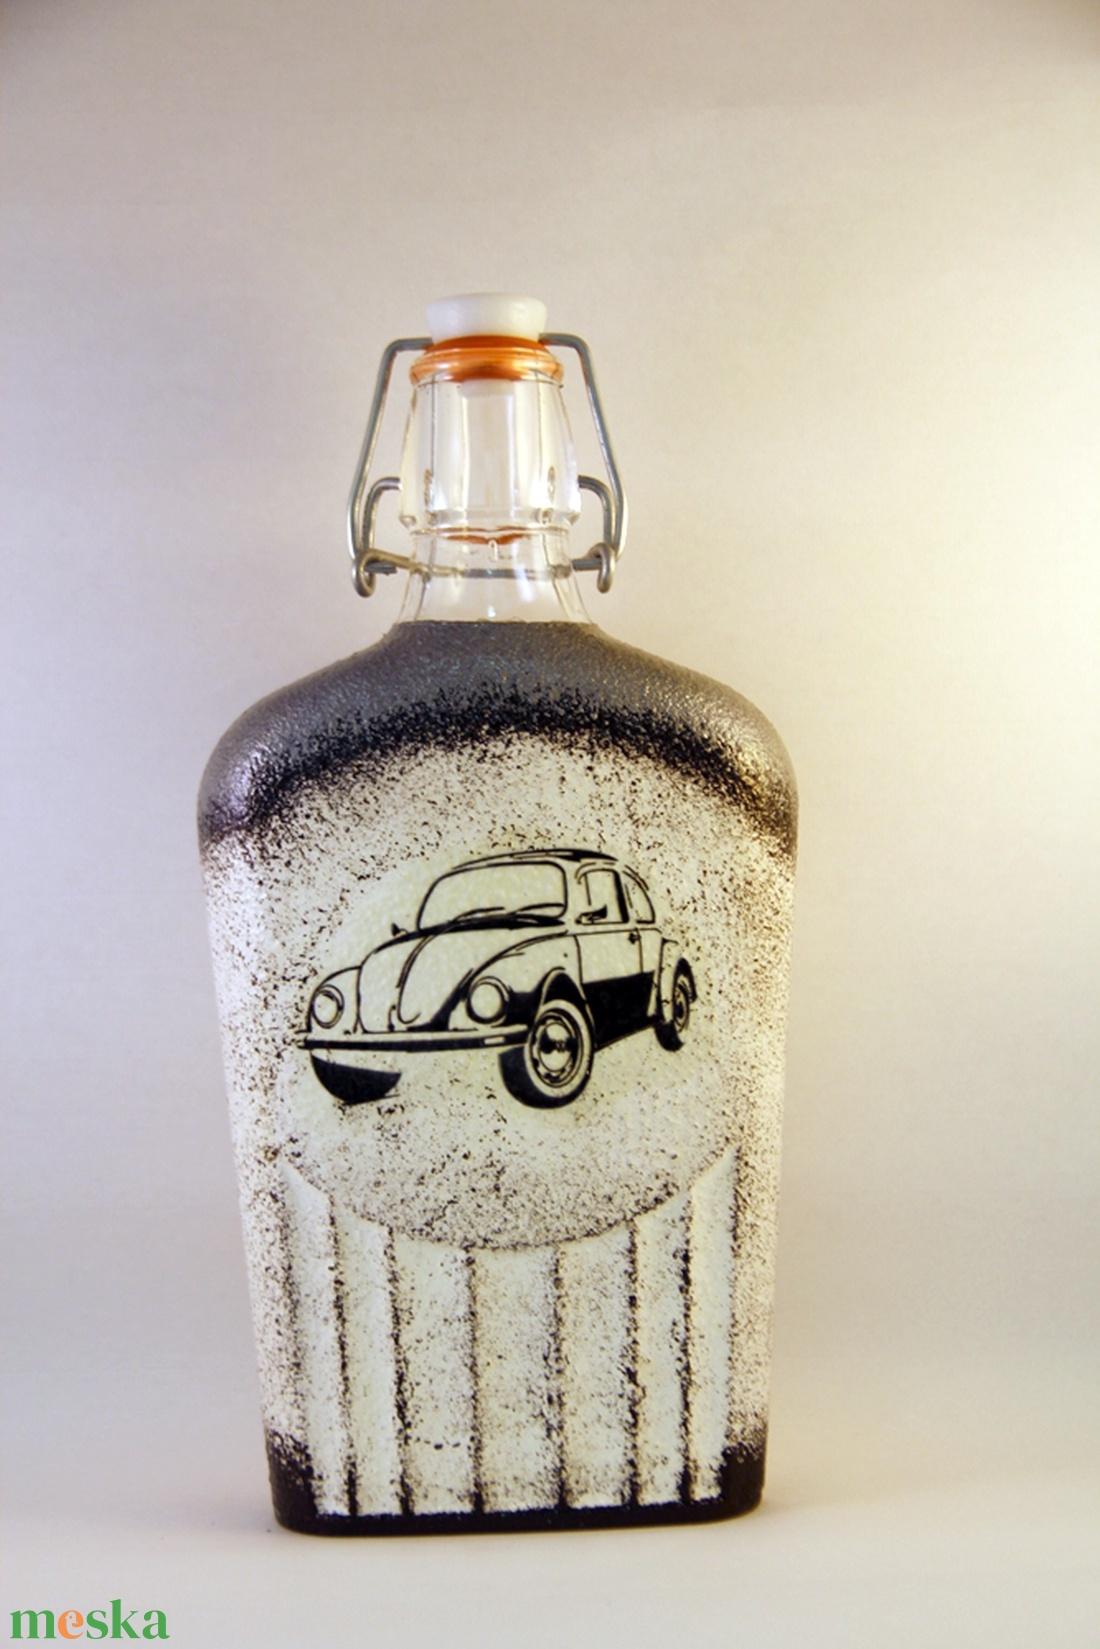 VOLKSWAGEN csatosüveg - VWBogár ; Saját Volkswagen autód fényképével is! (decorfantasy) - Meska.hu